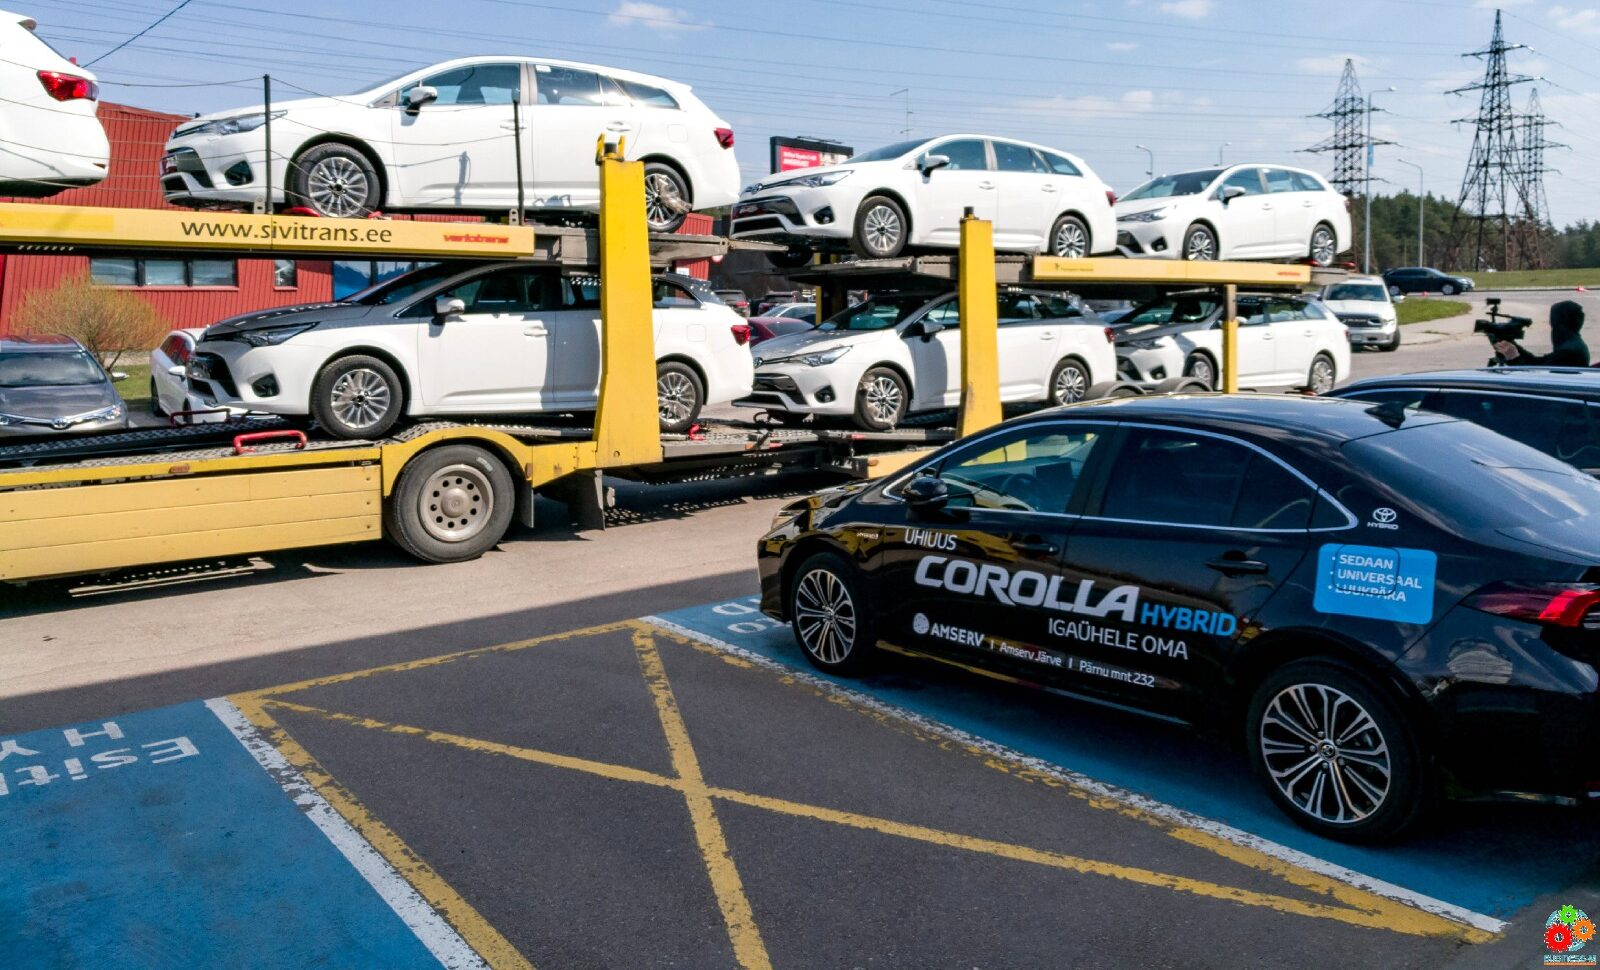 Продажи крупнейшего автодилера Эстонии в первом квартале выросли на 10%